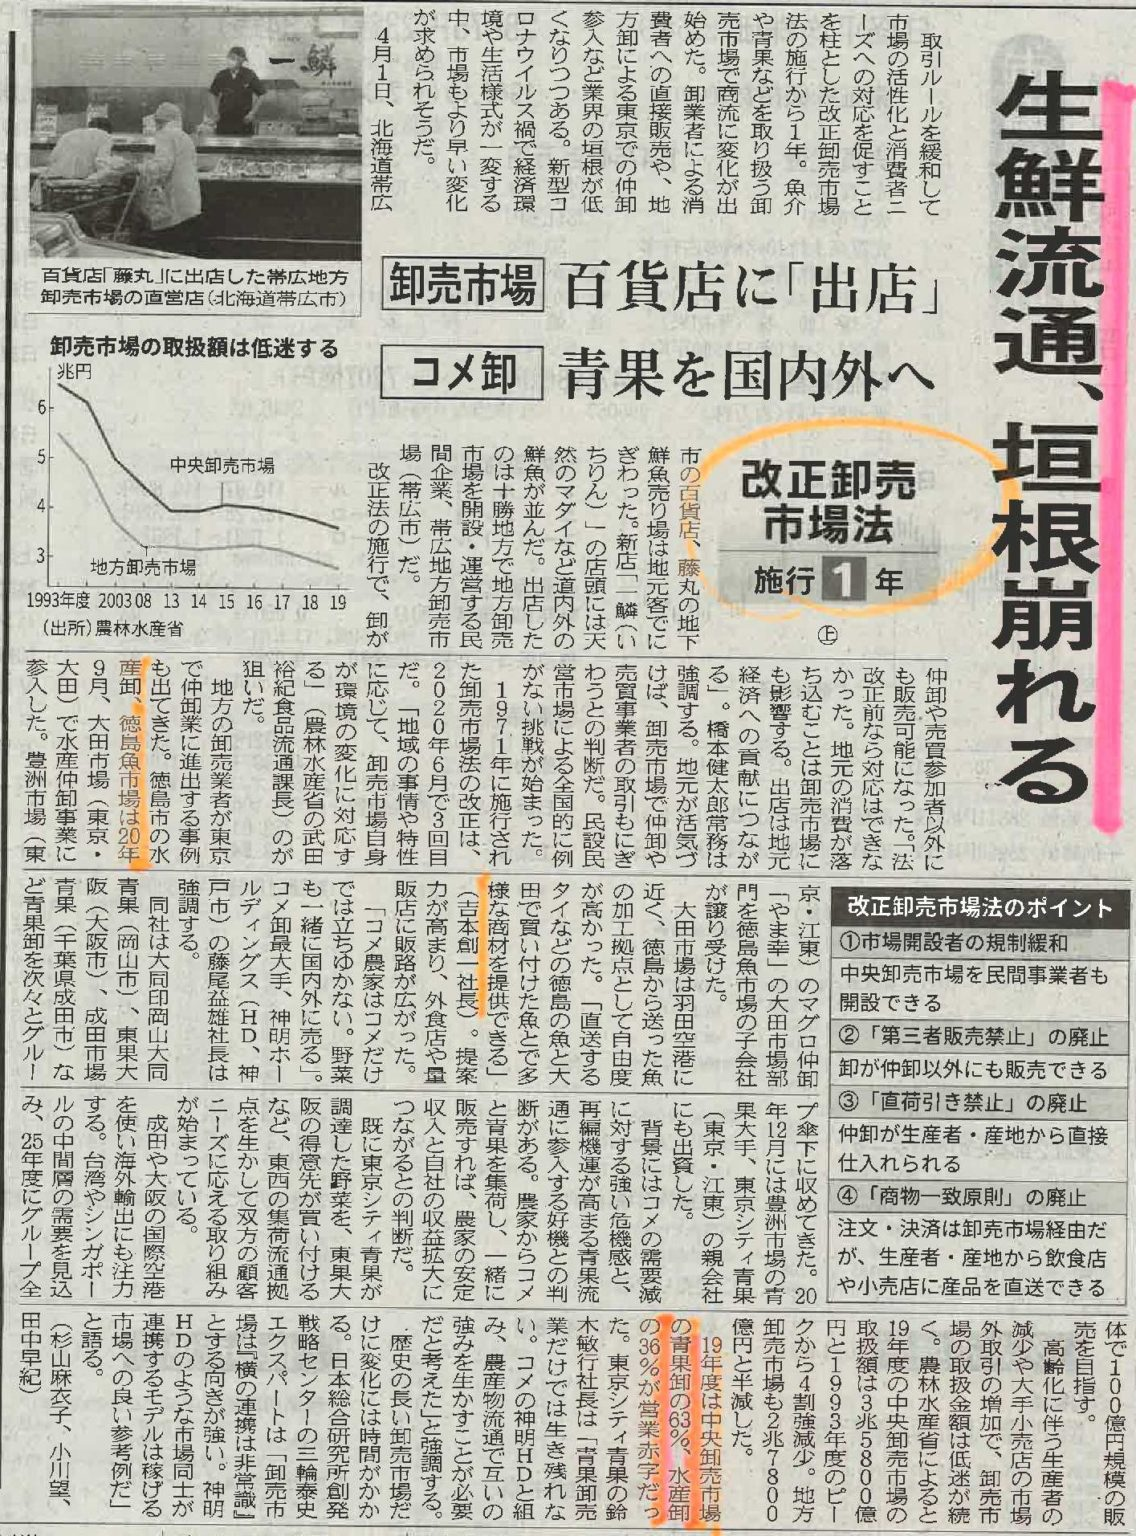 日本経済新聞記事①